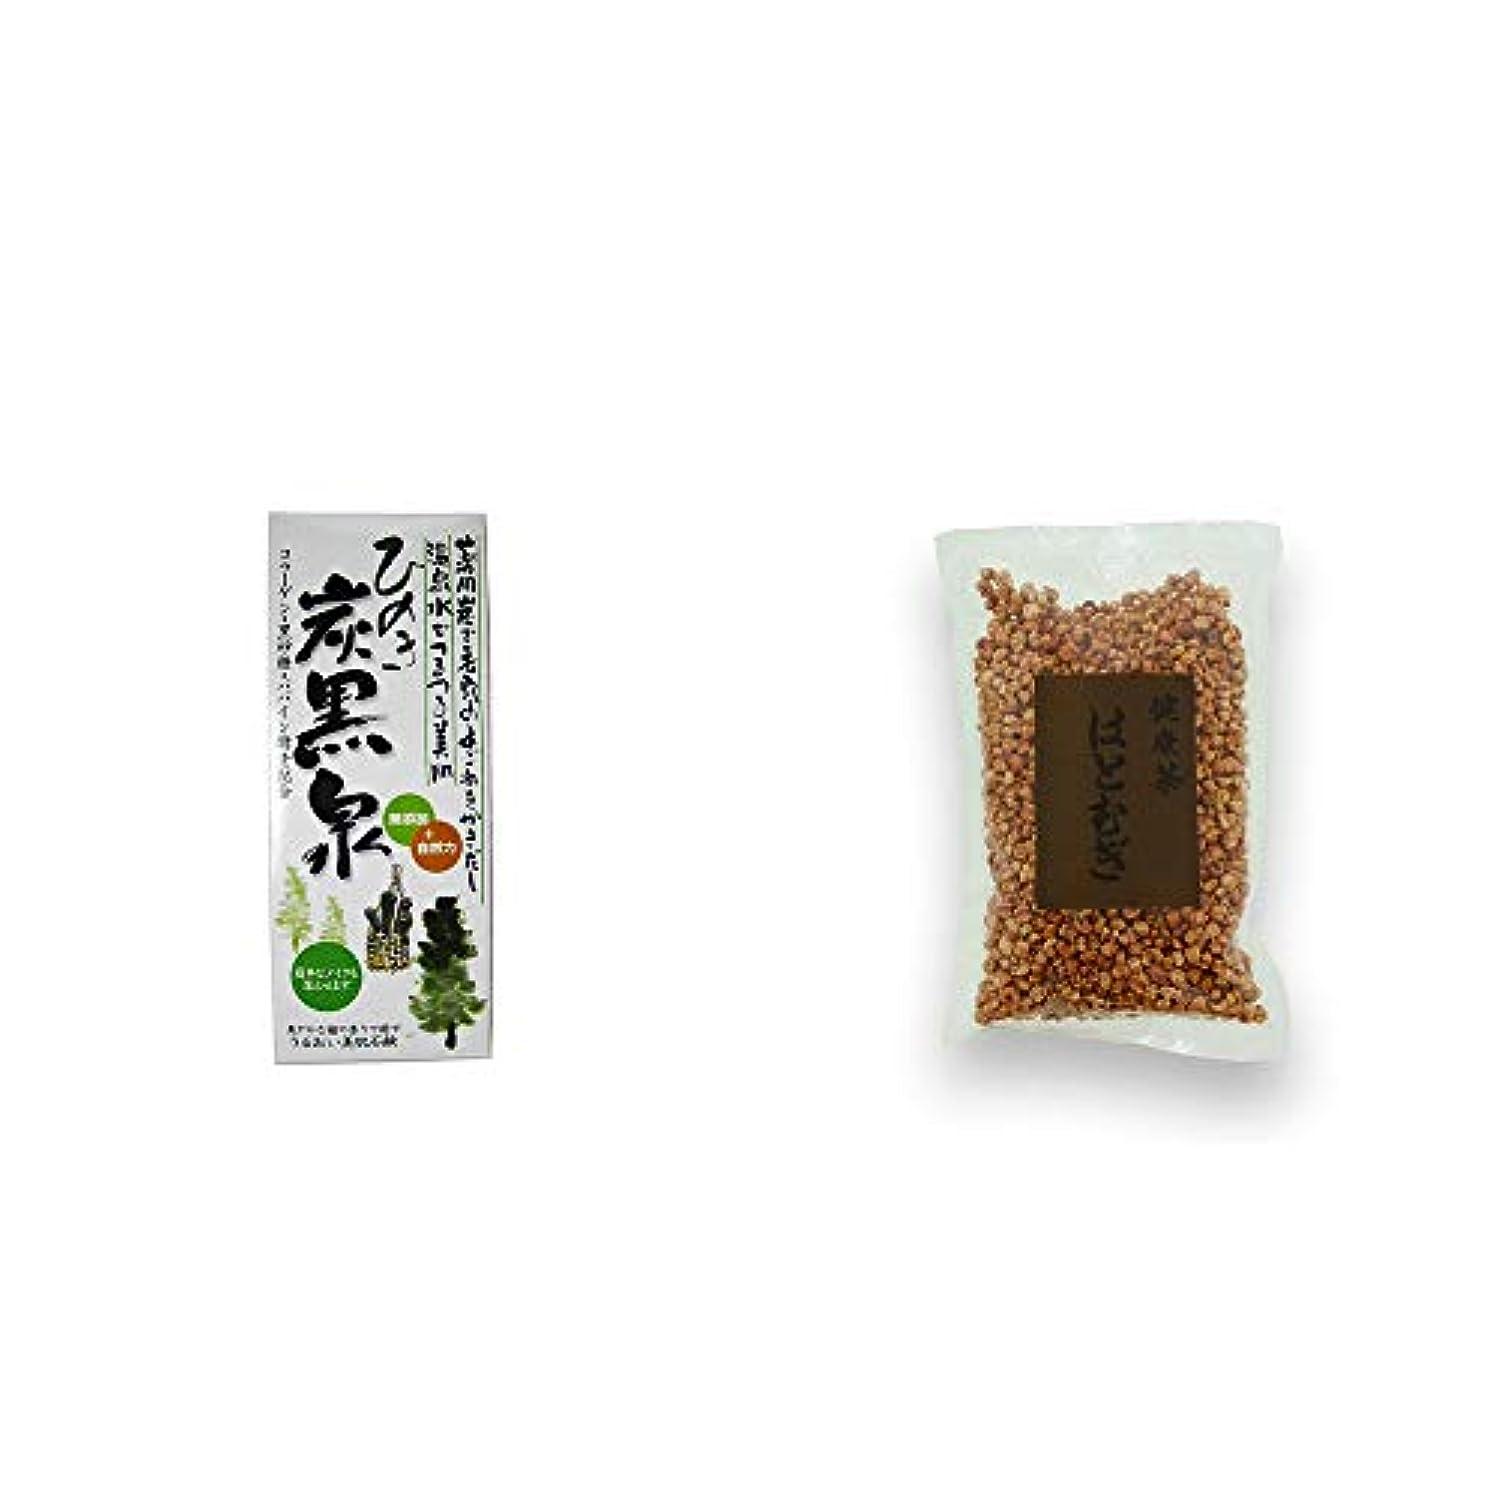 隣人センチメンタルメカニック[2点セット] ひのき炭黒泉 箱入り(75g×3)?健康茶 はとむぎ(200g)